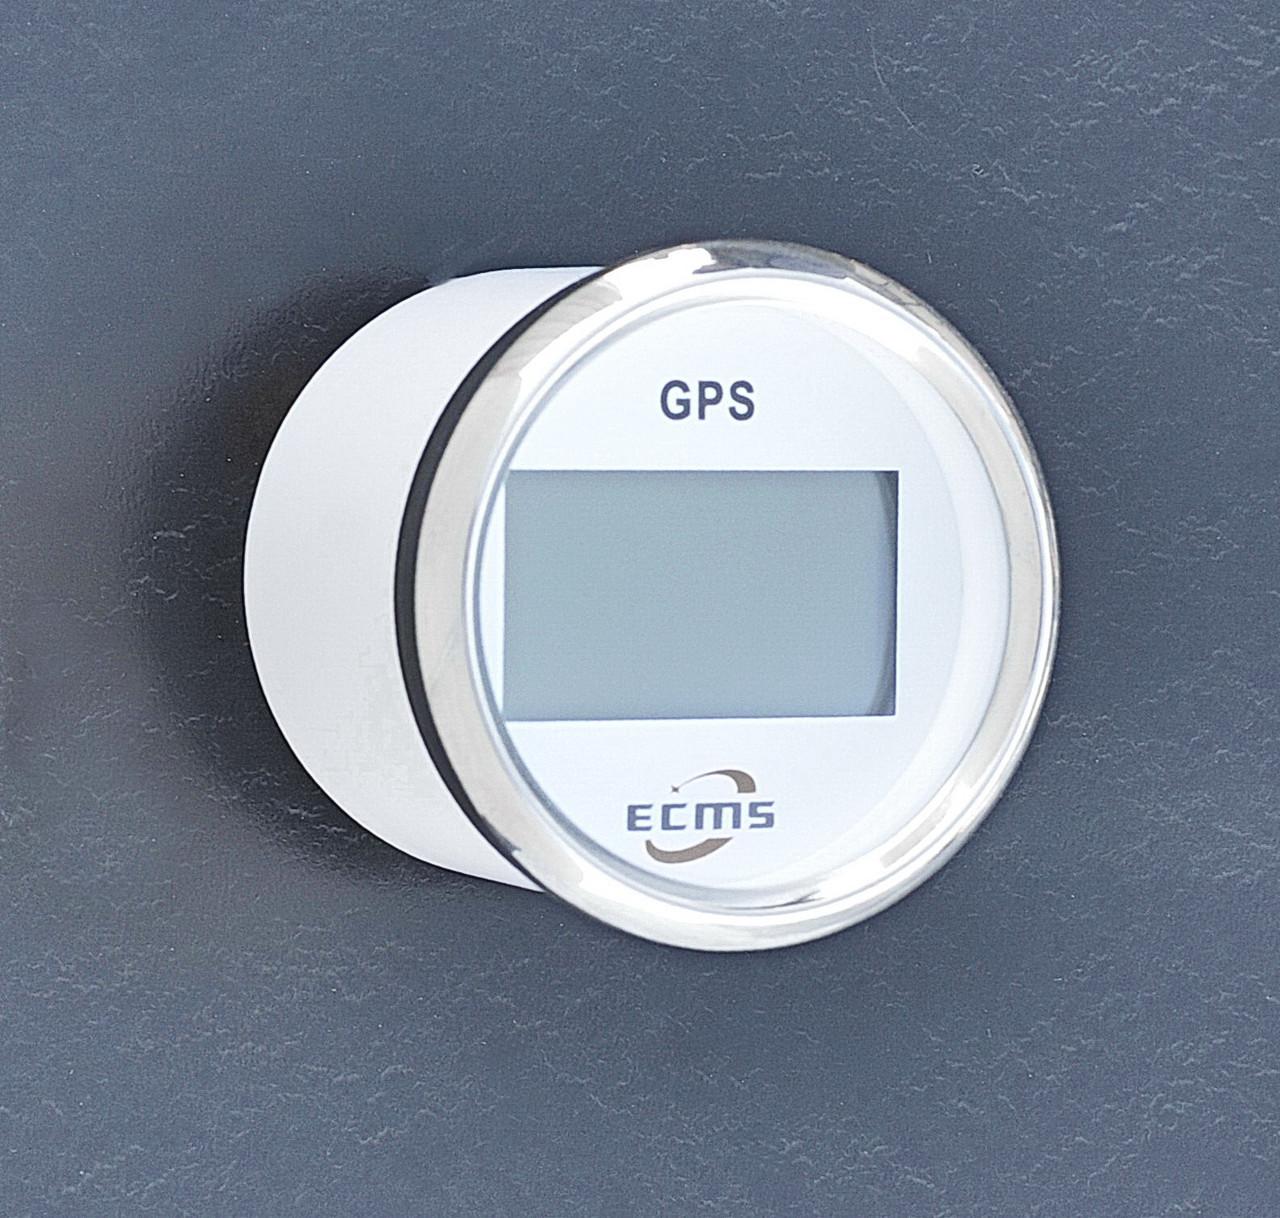 Спидометр GPS с компасом для лодки, катера, яхты ECMS белый